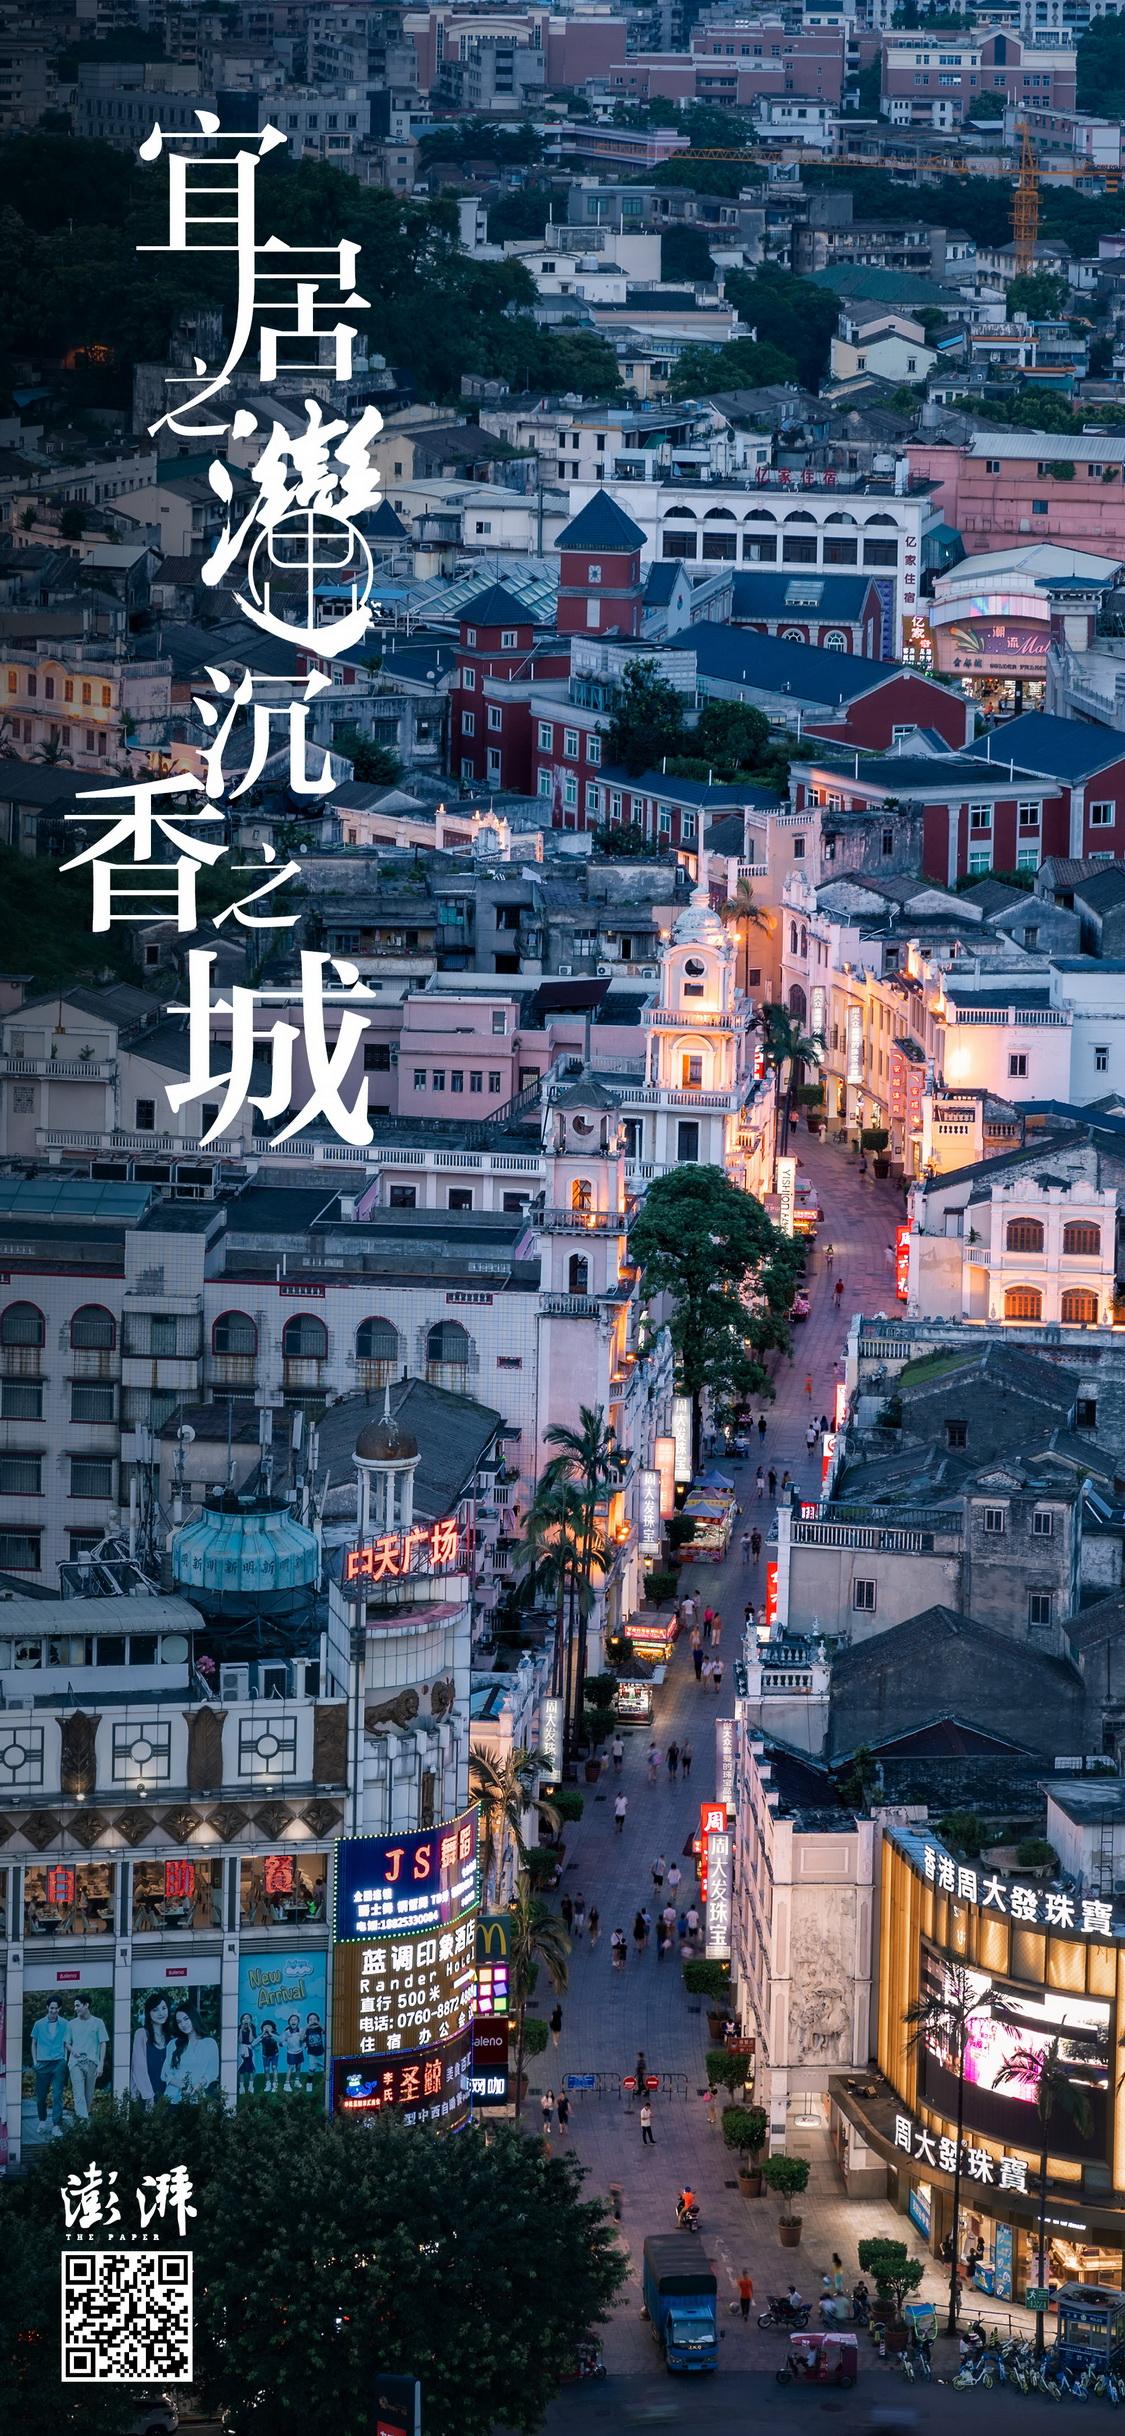 中山:宜居之湾,沉香之城